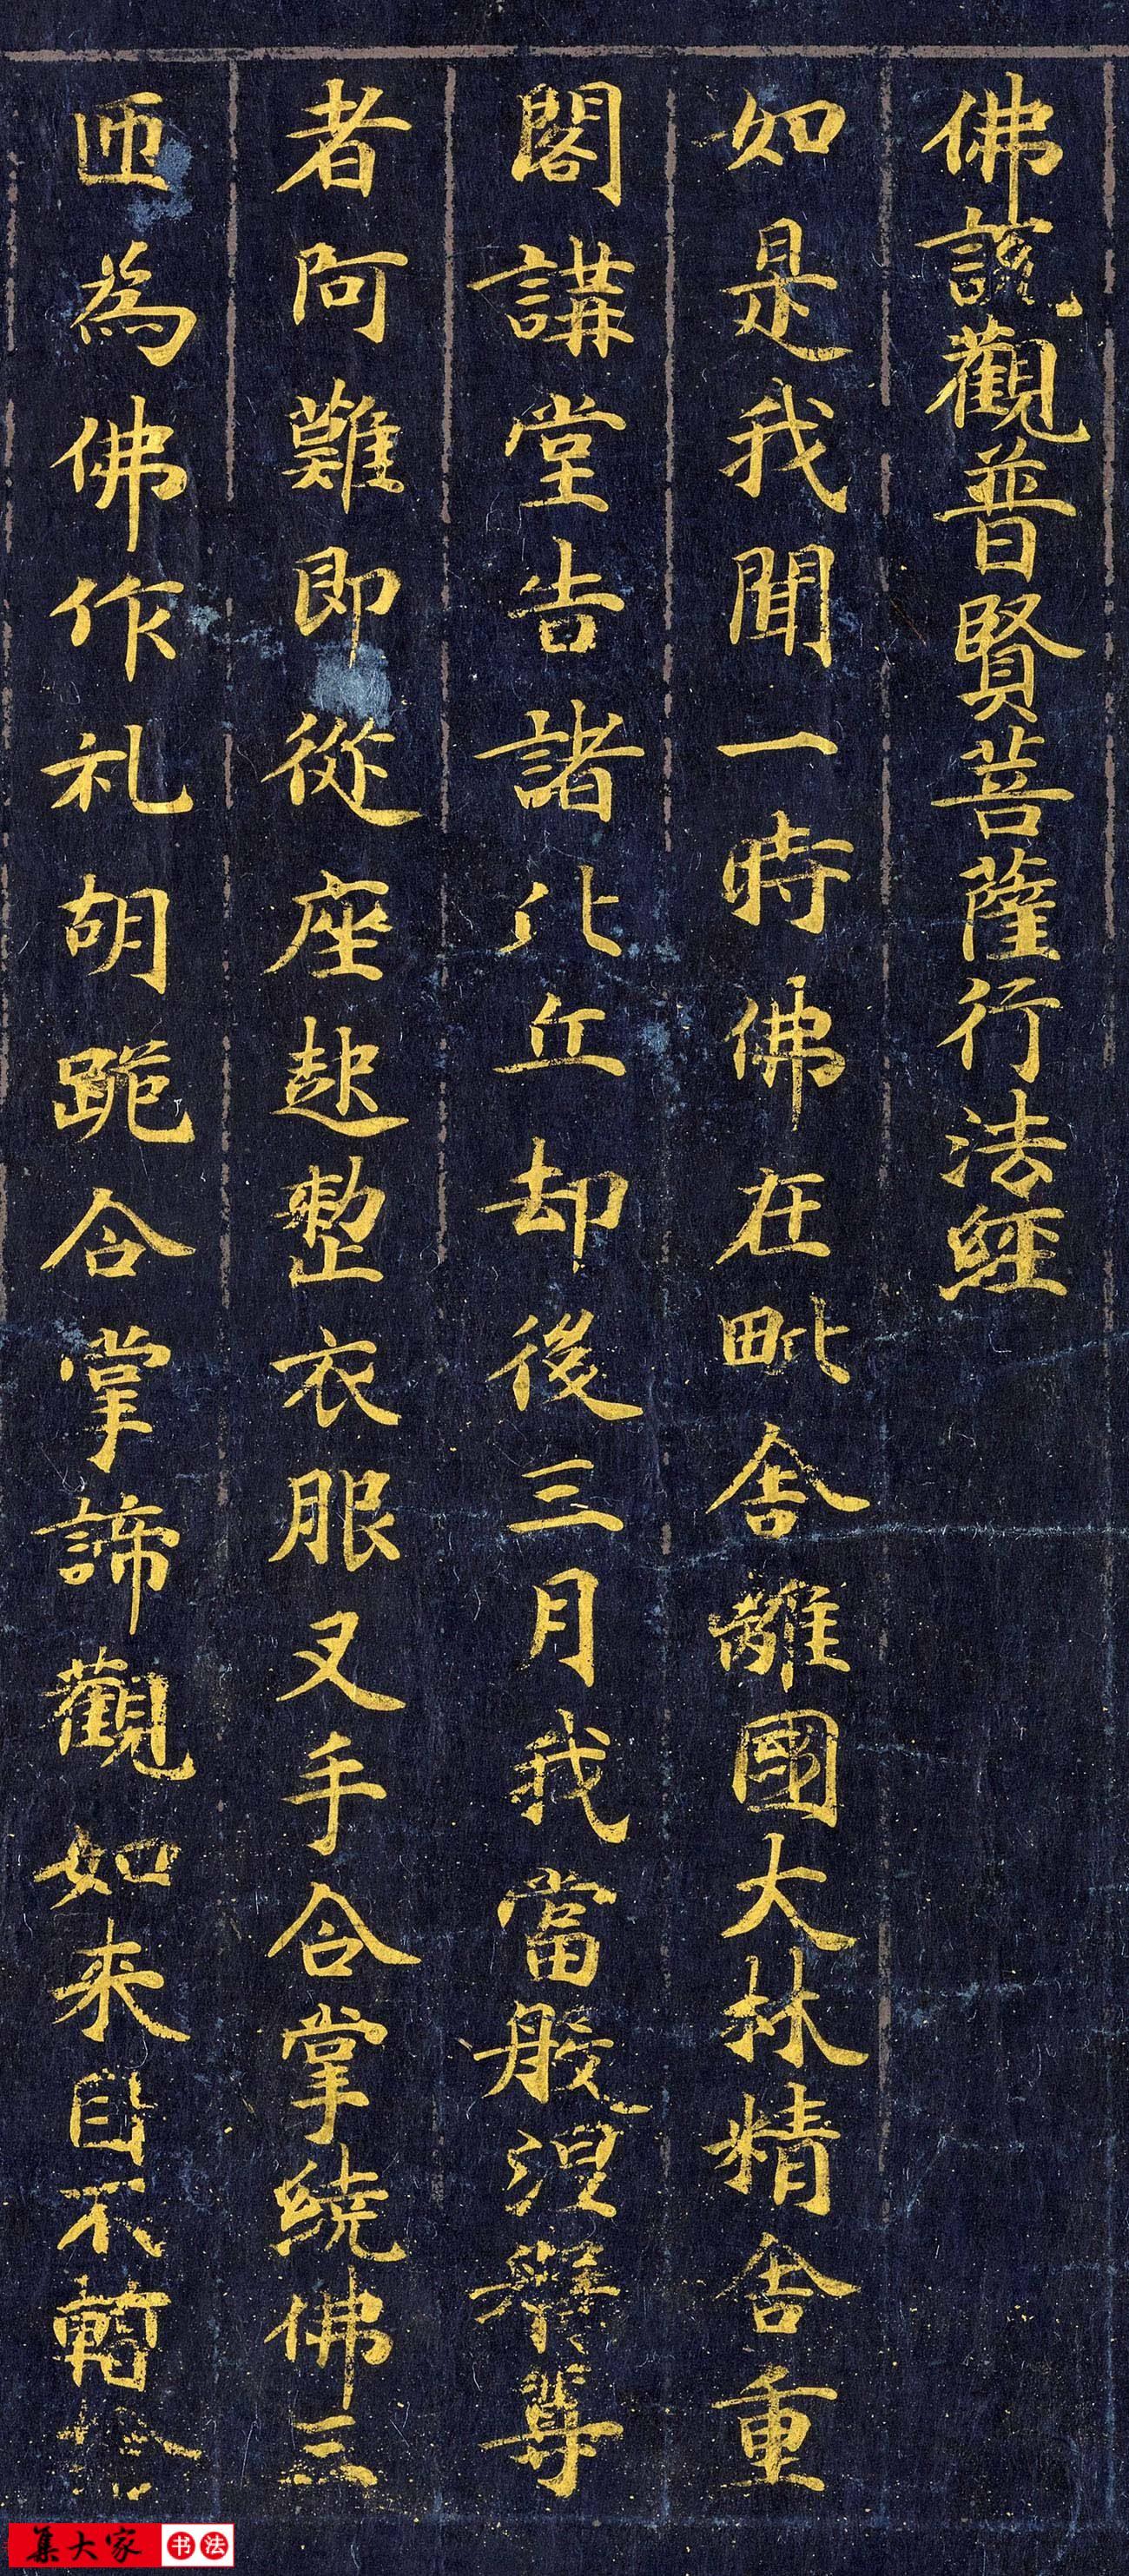 高清金字楷书《佛说观普贤菩萨行法经》